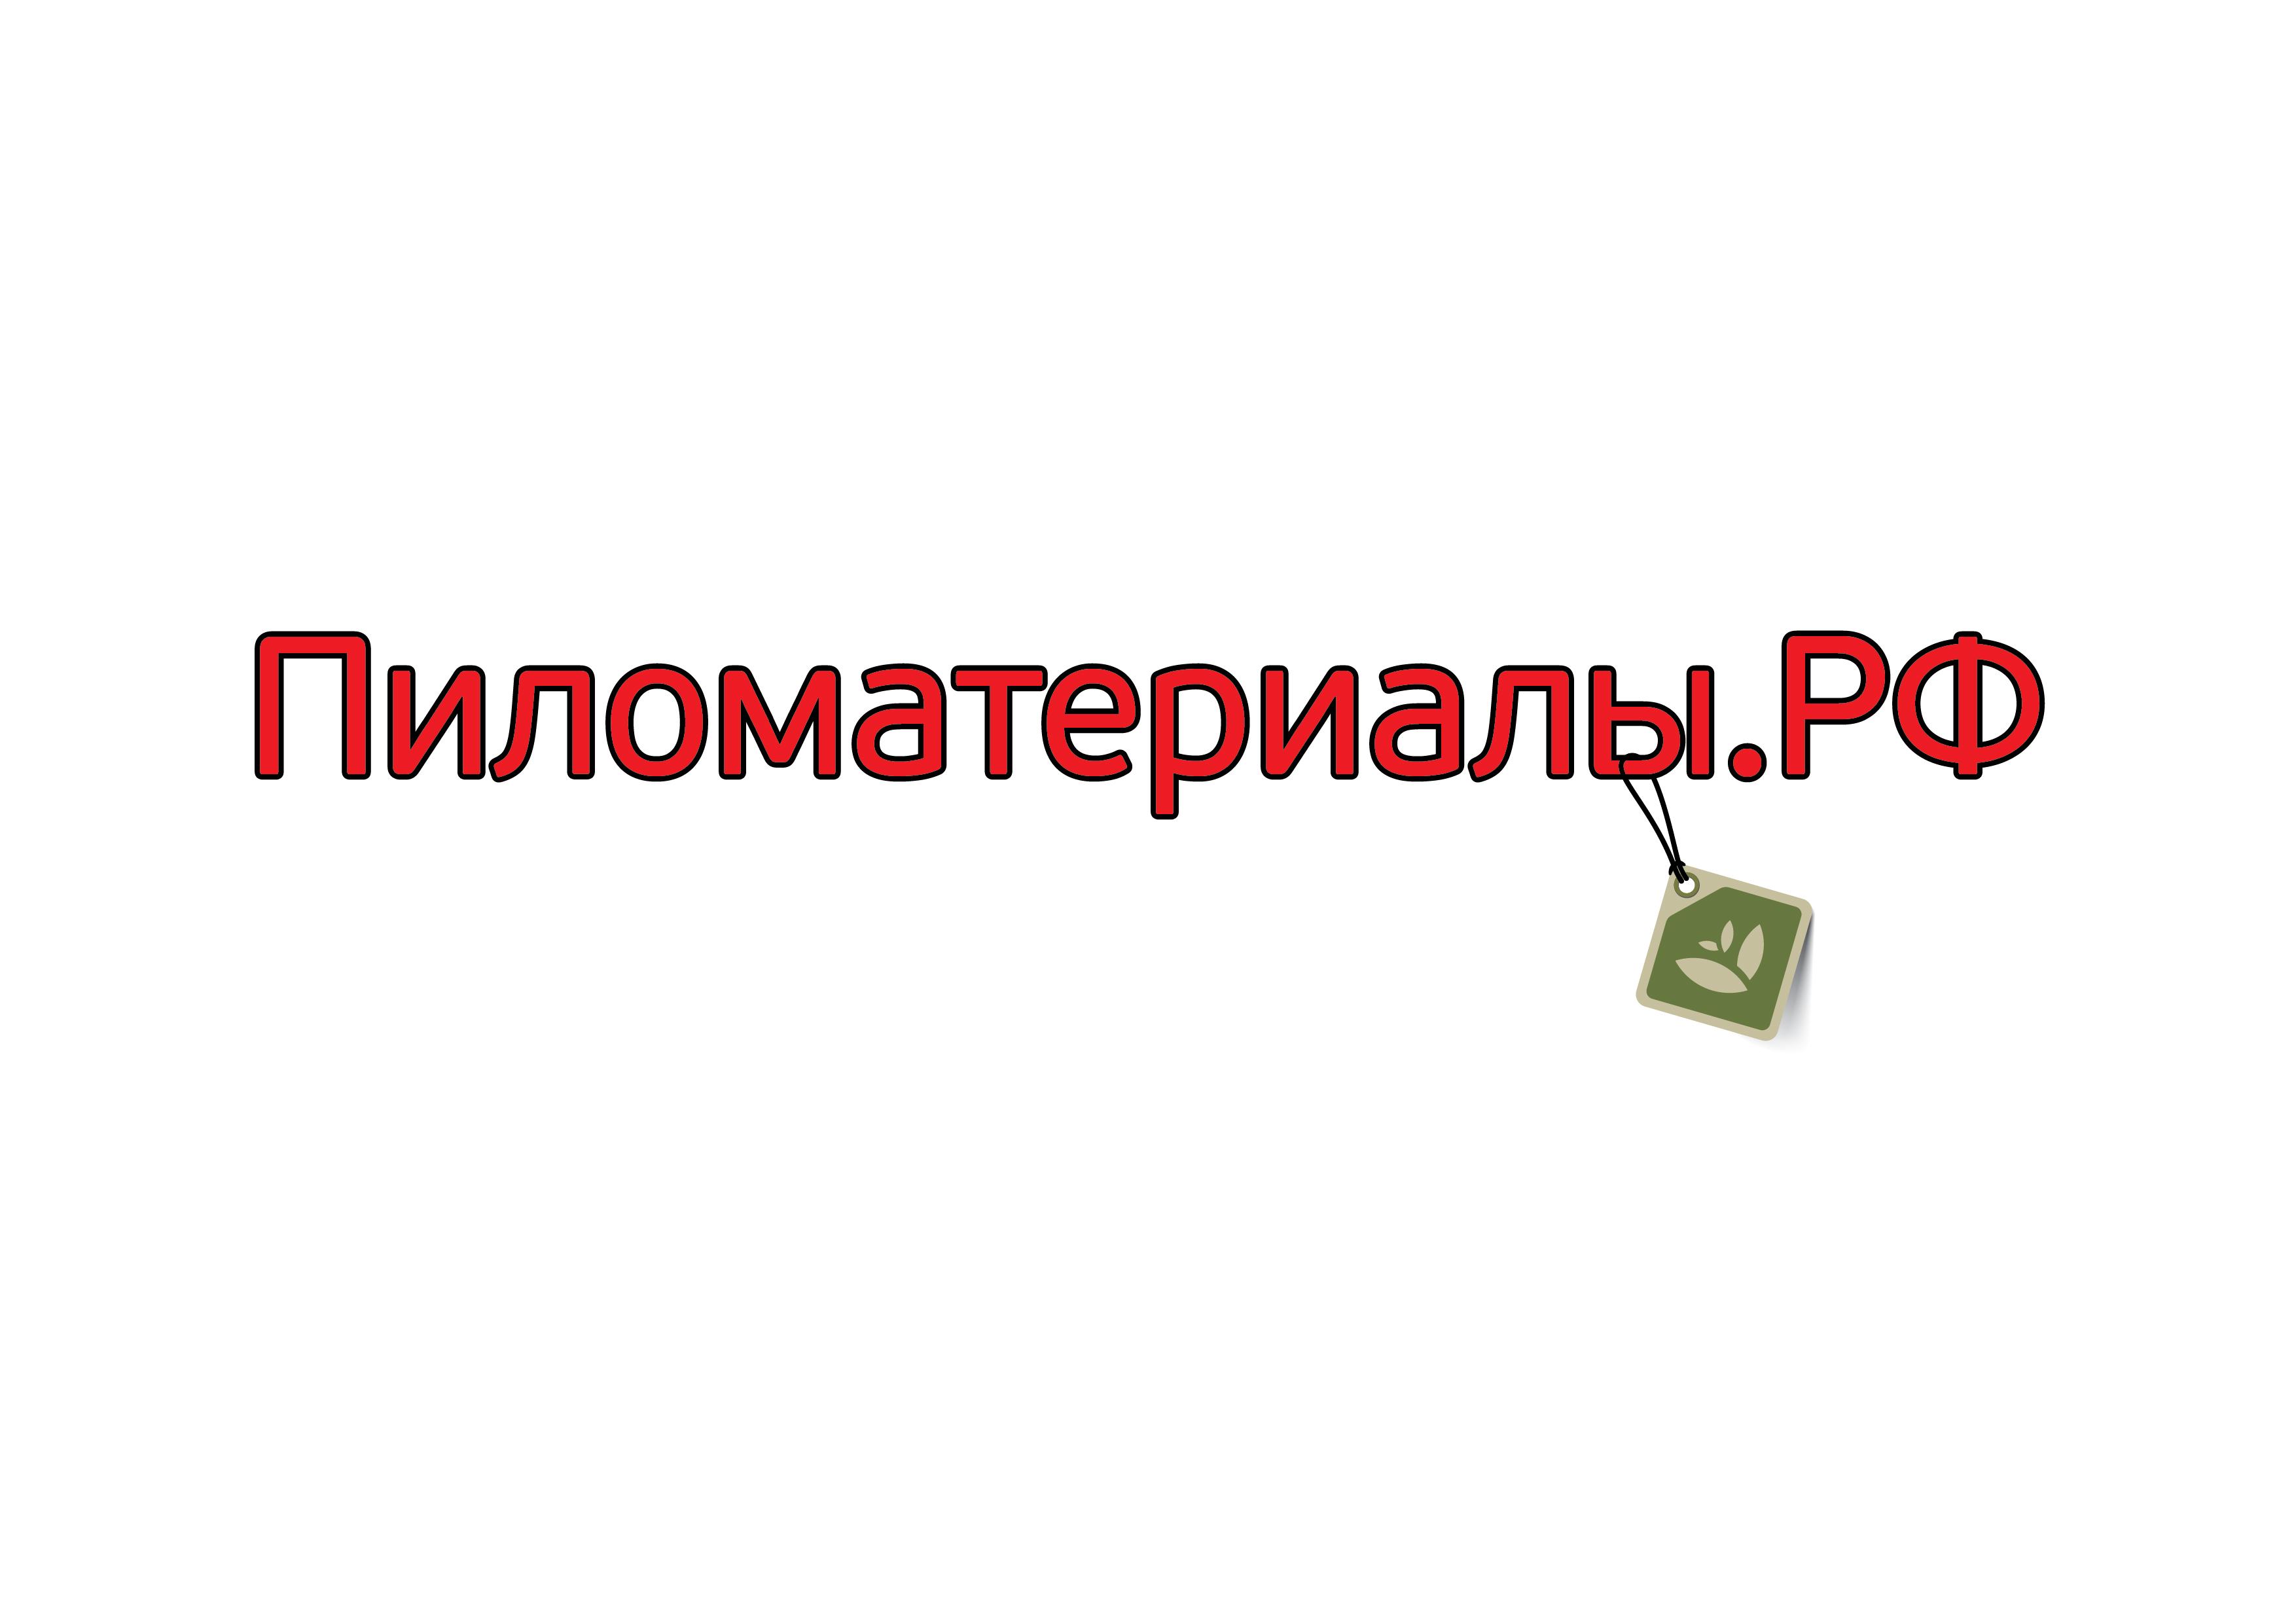 """Создание логотипа и фирменного стиля """"Пиломатериалы.РФ"""" фото f_98152fa4592a52d5.jpg"""